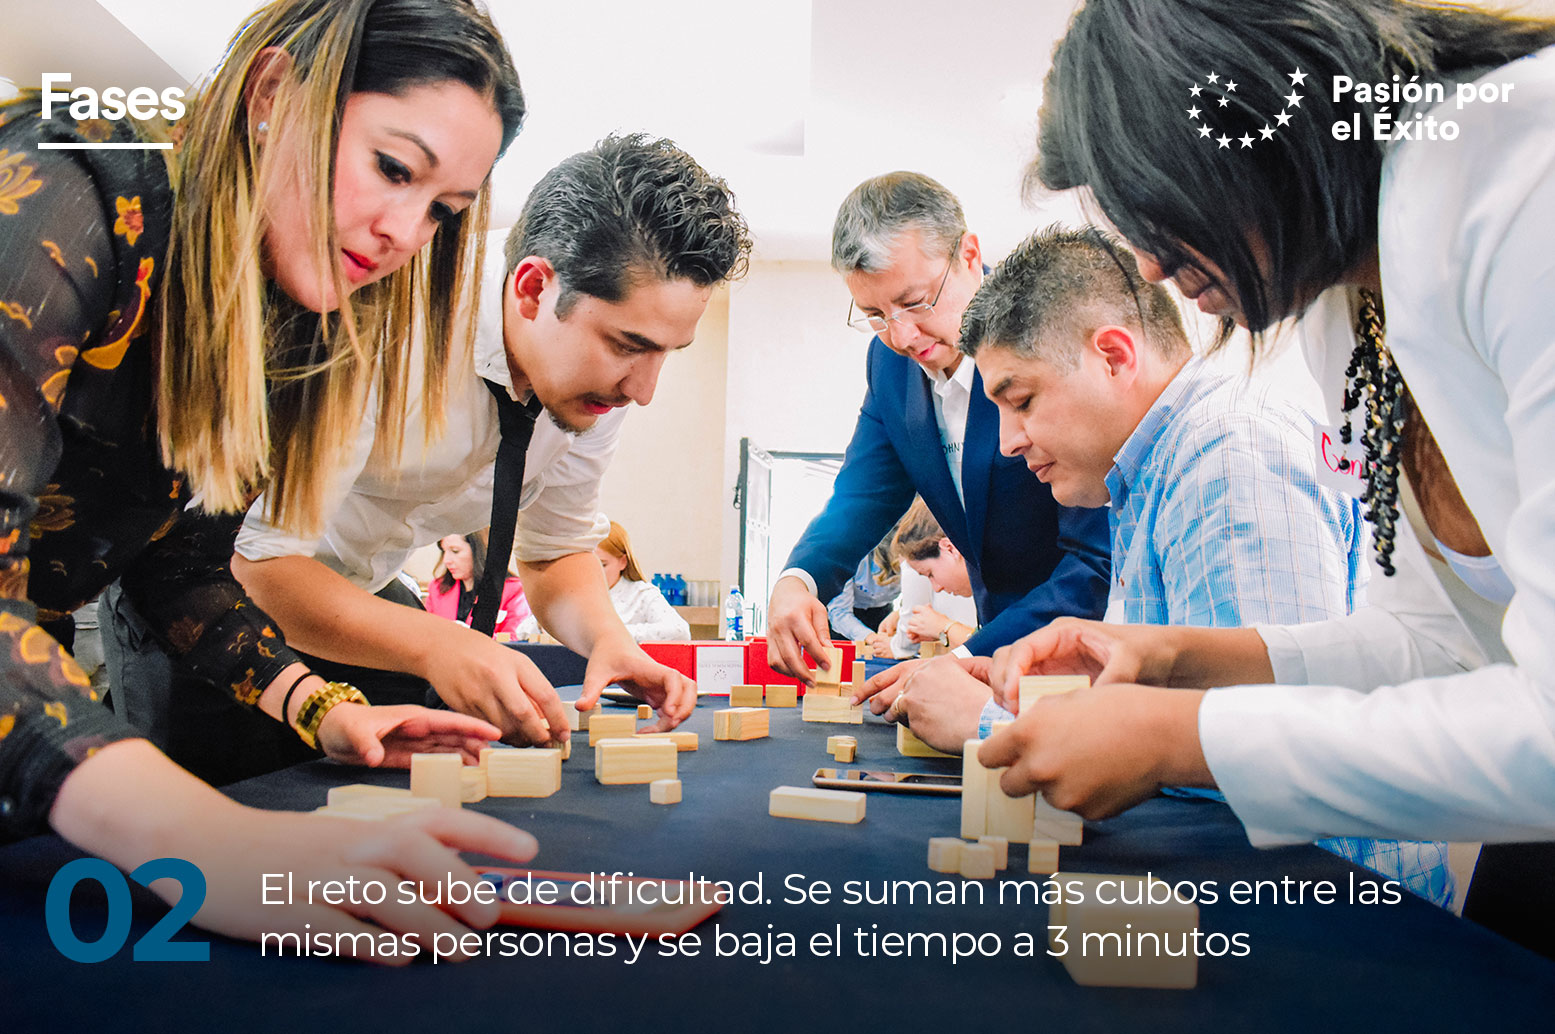 dinamica-de-integracion-y-team-building-fase-2-galeria-sim-com